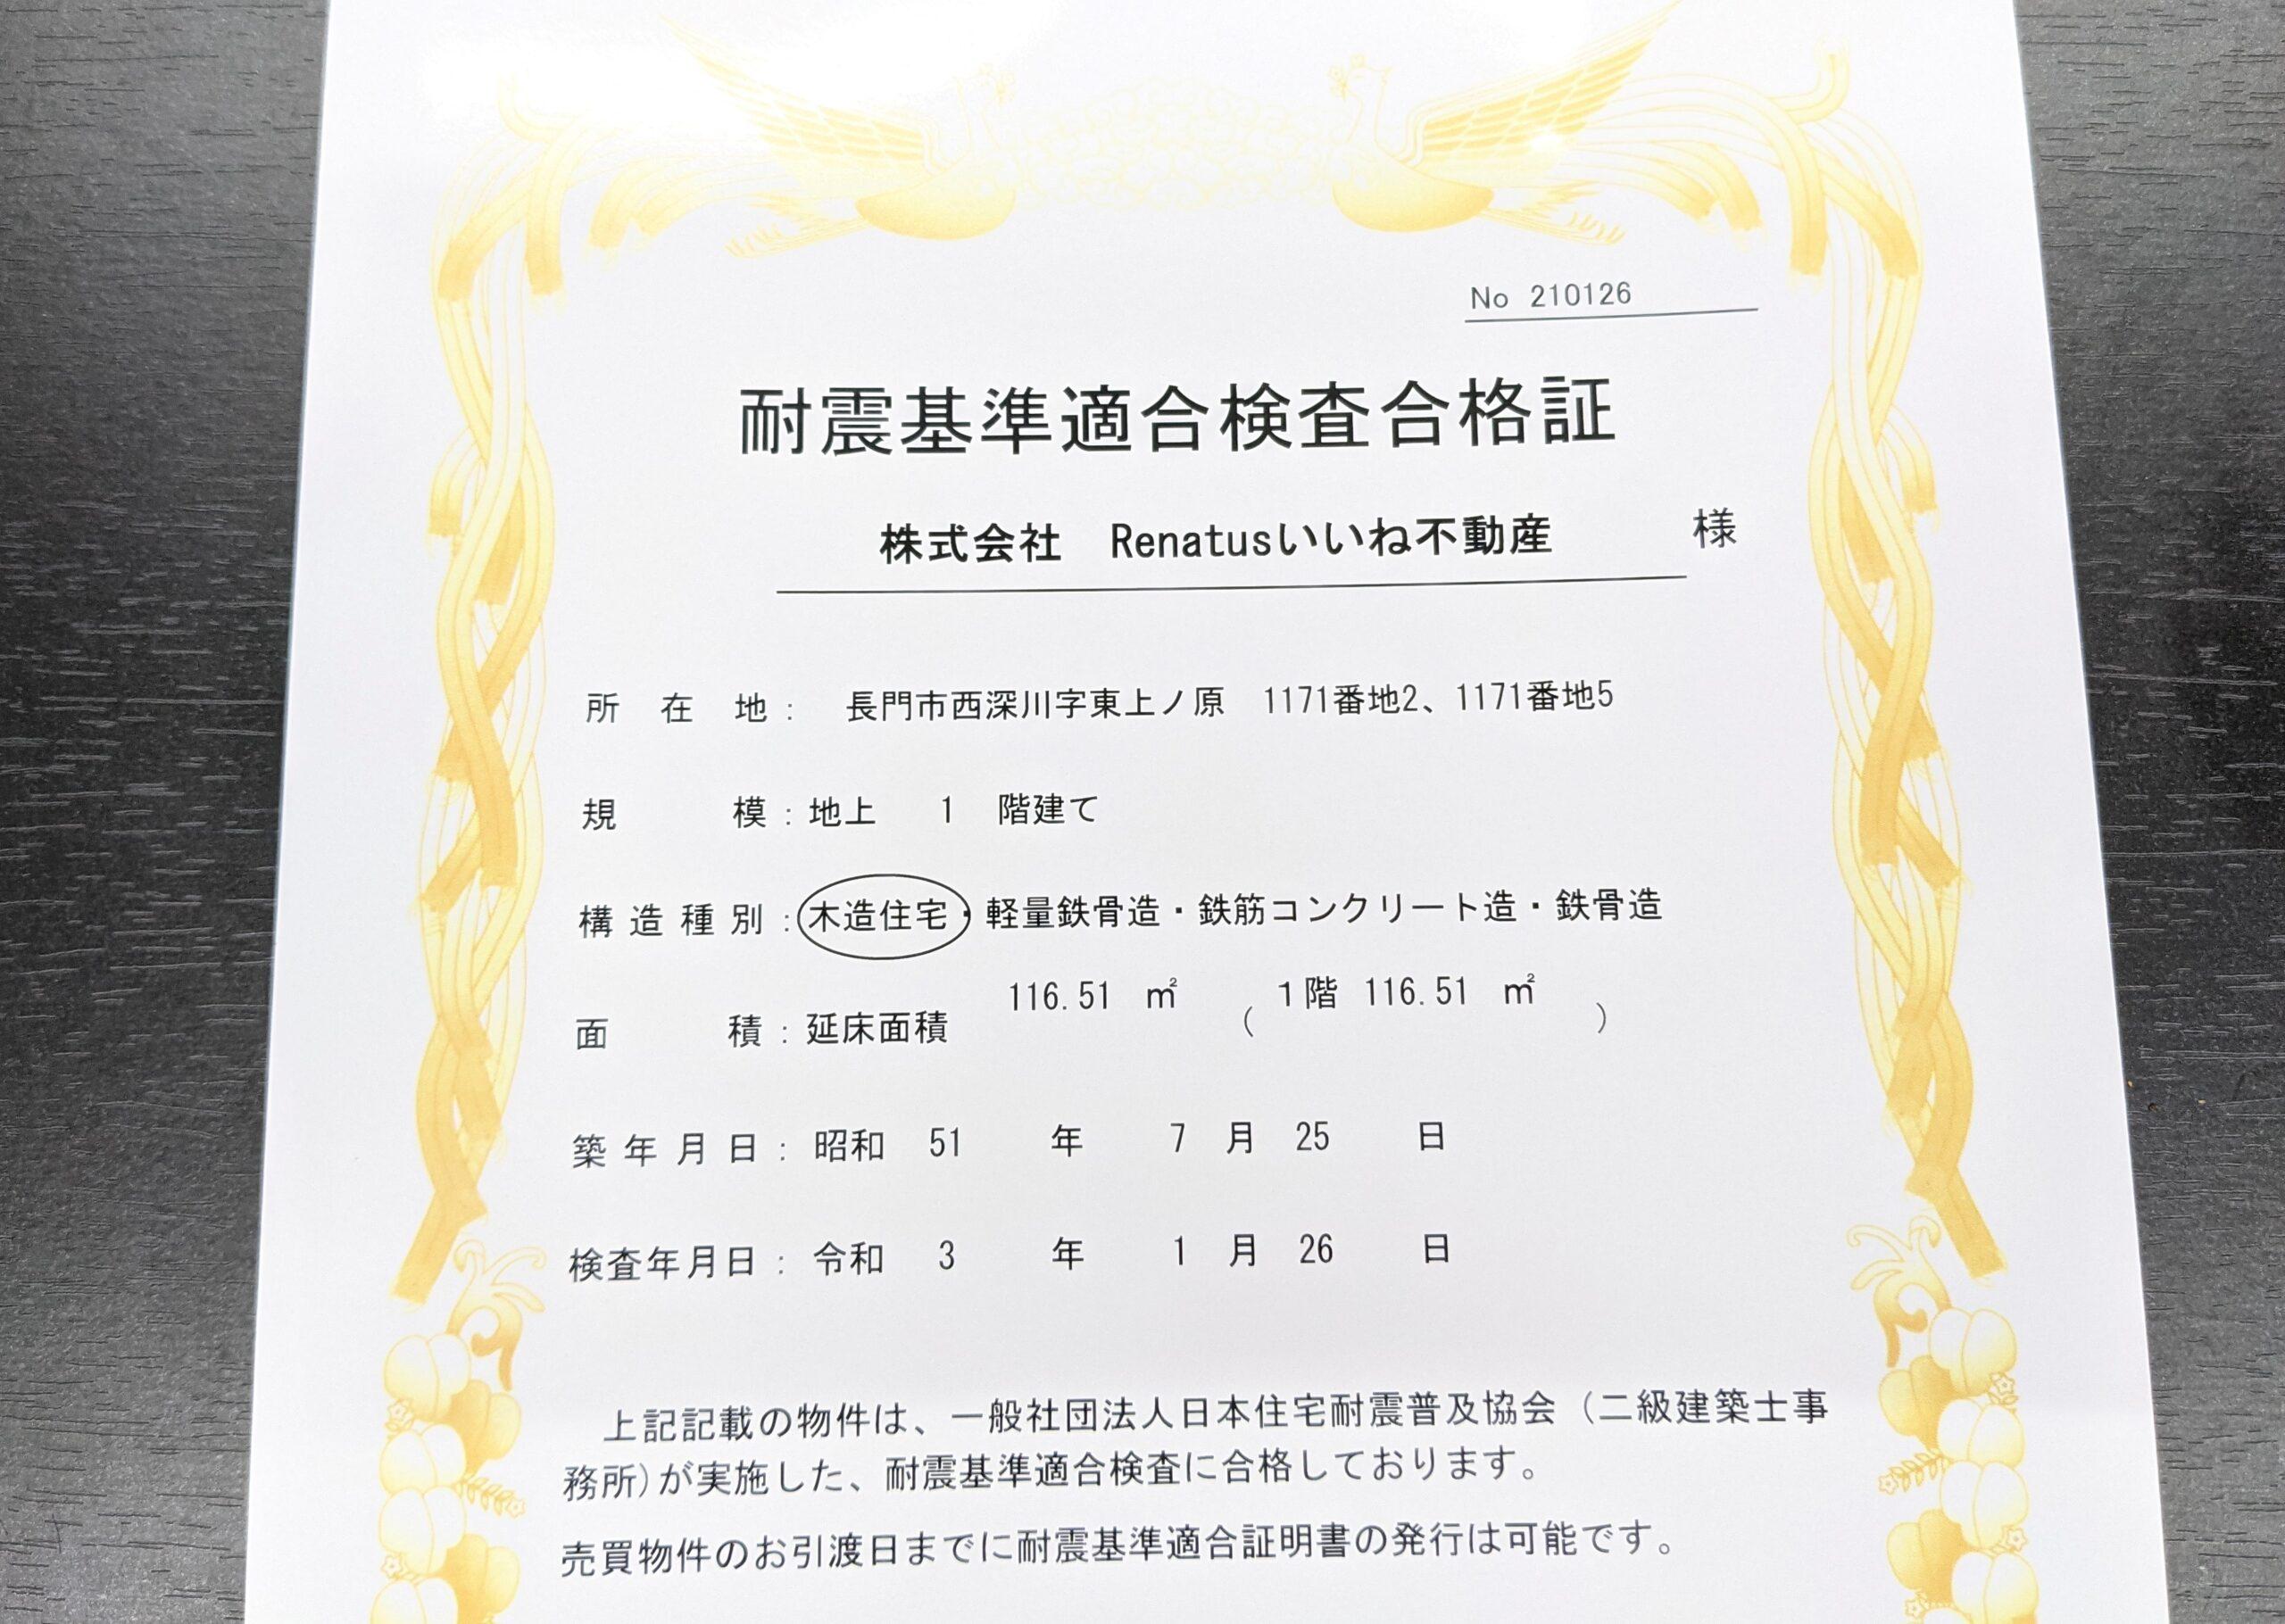 建物の耐震化の勉強会を開催しました